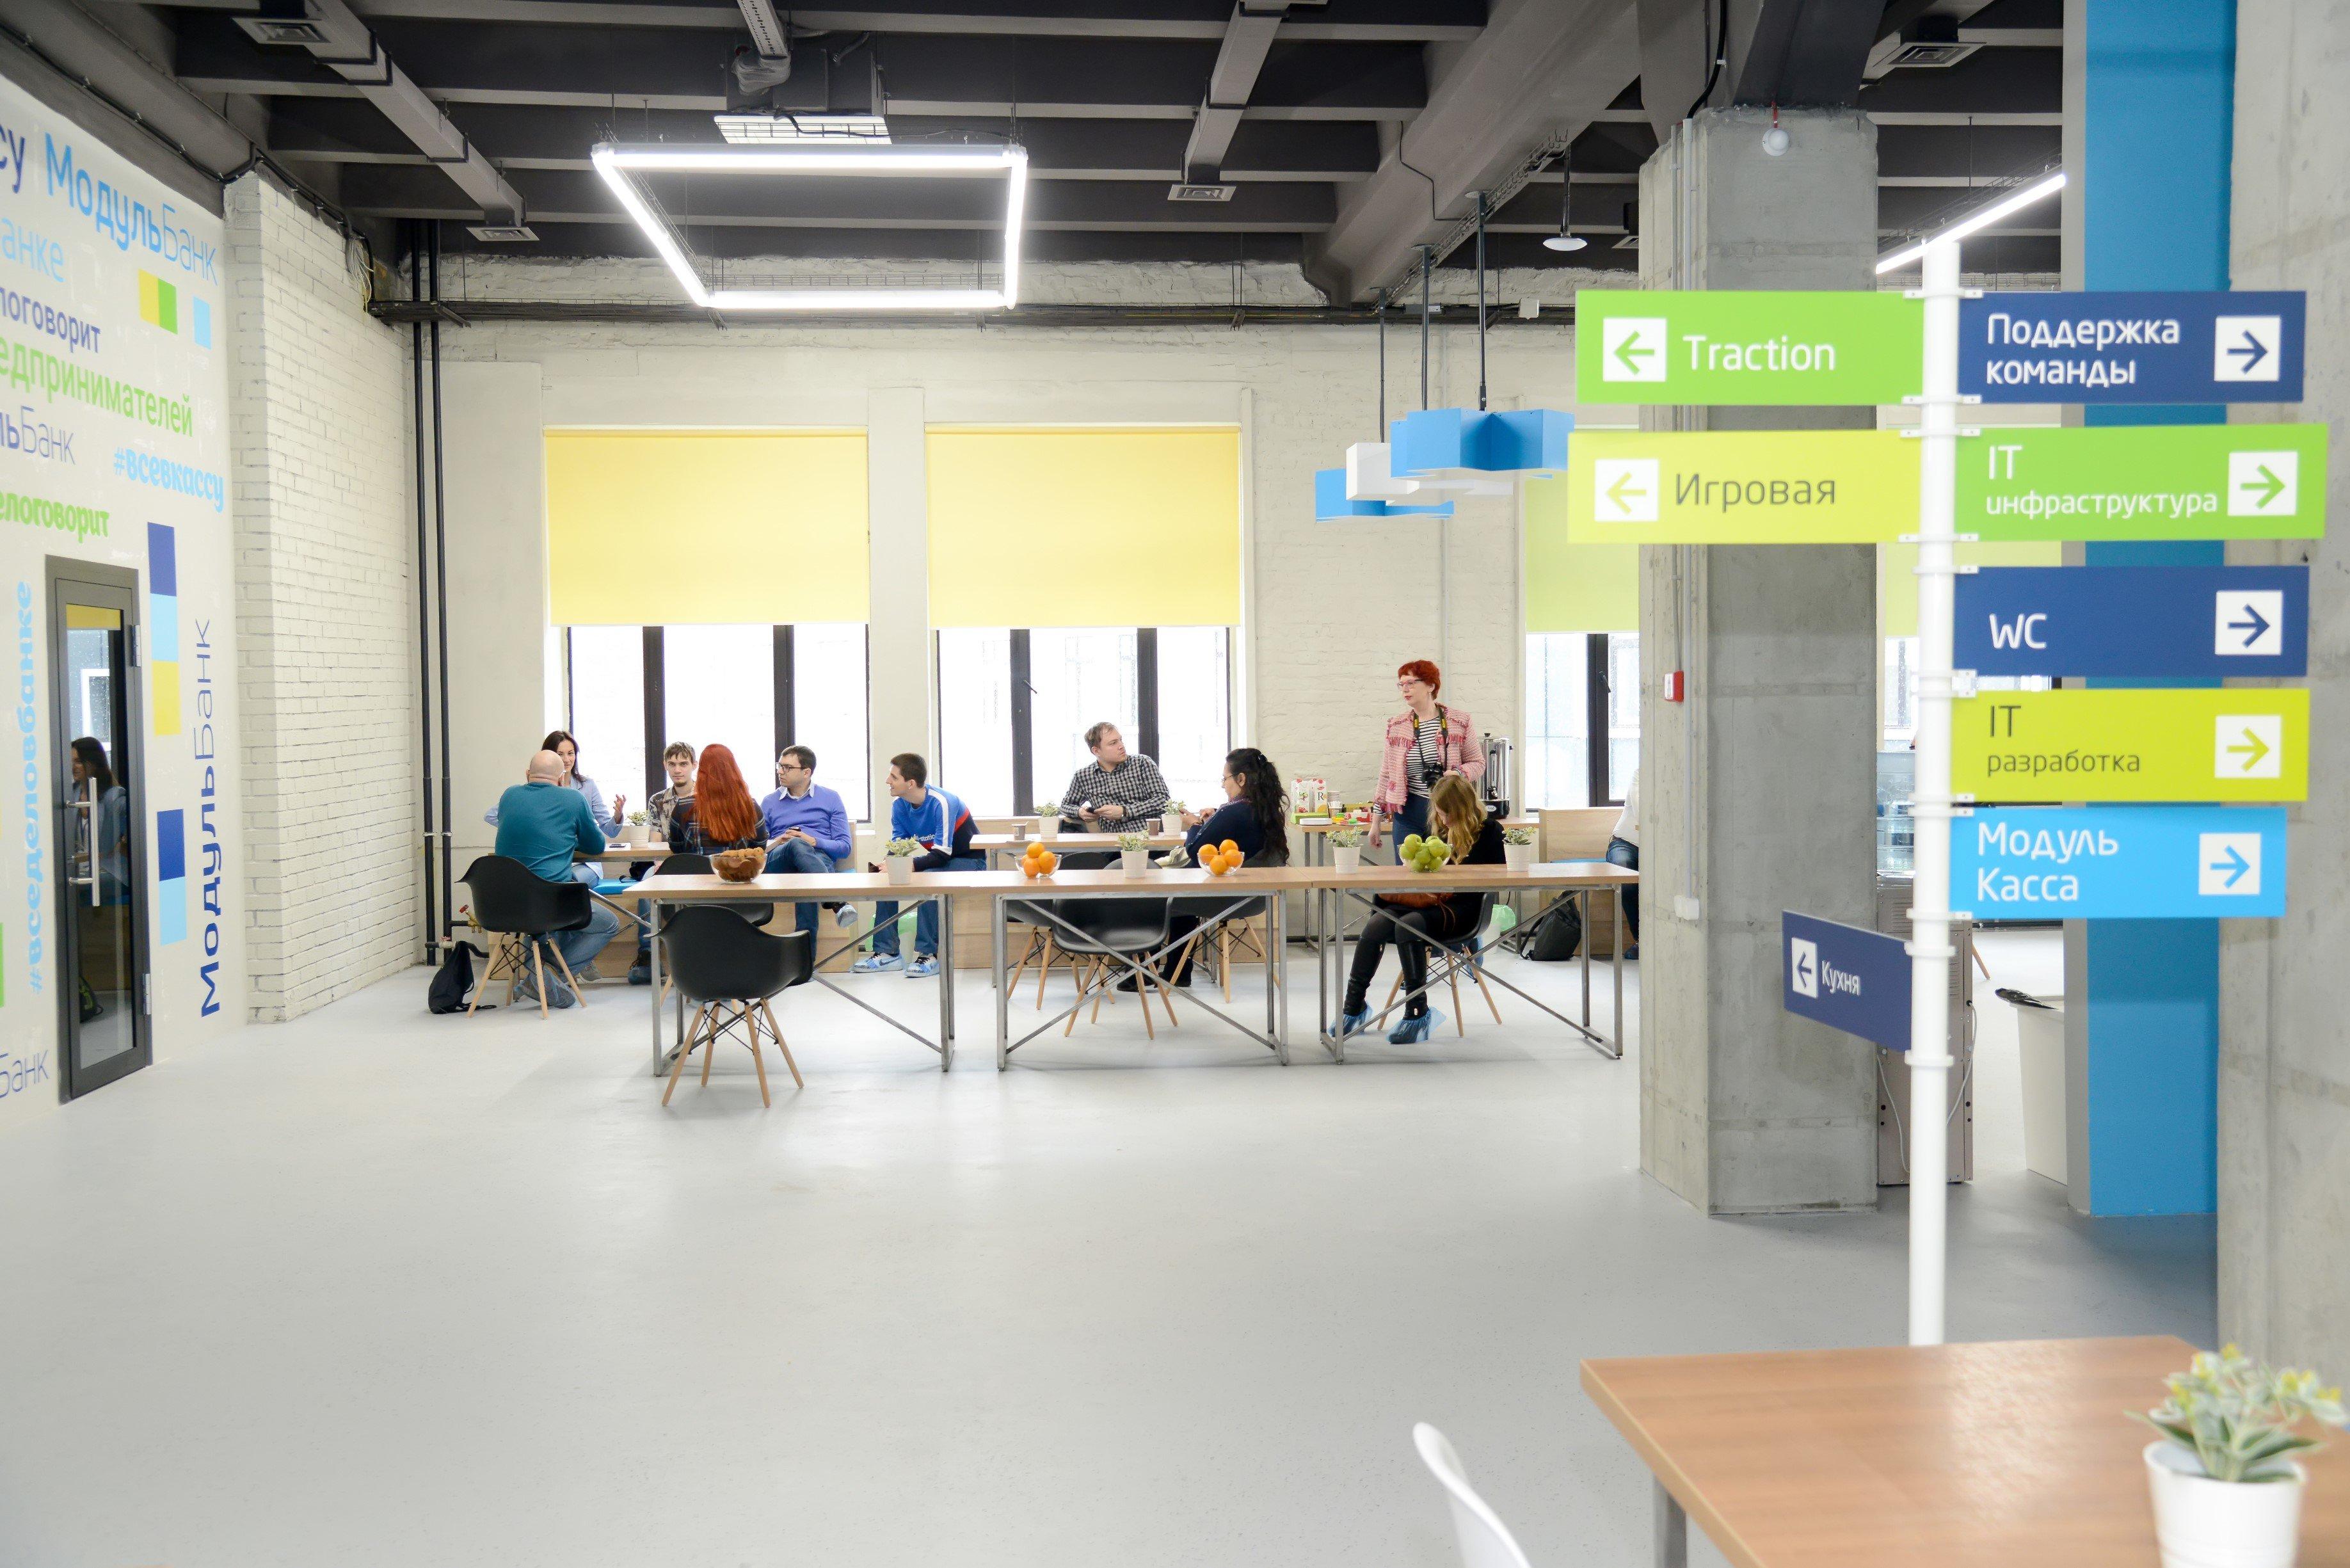 банк восточный кредит наличными онлайн калькулятор